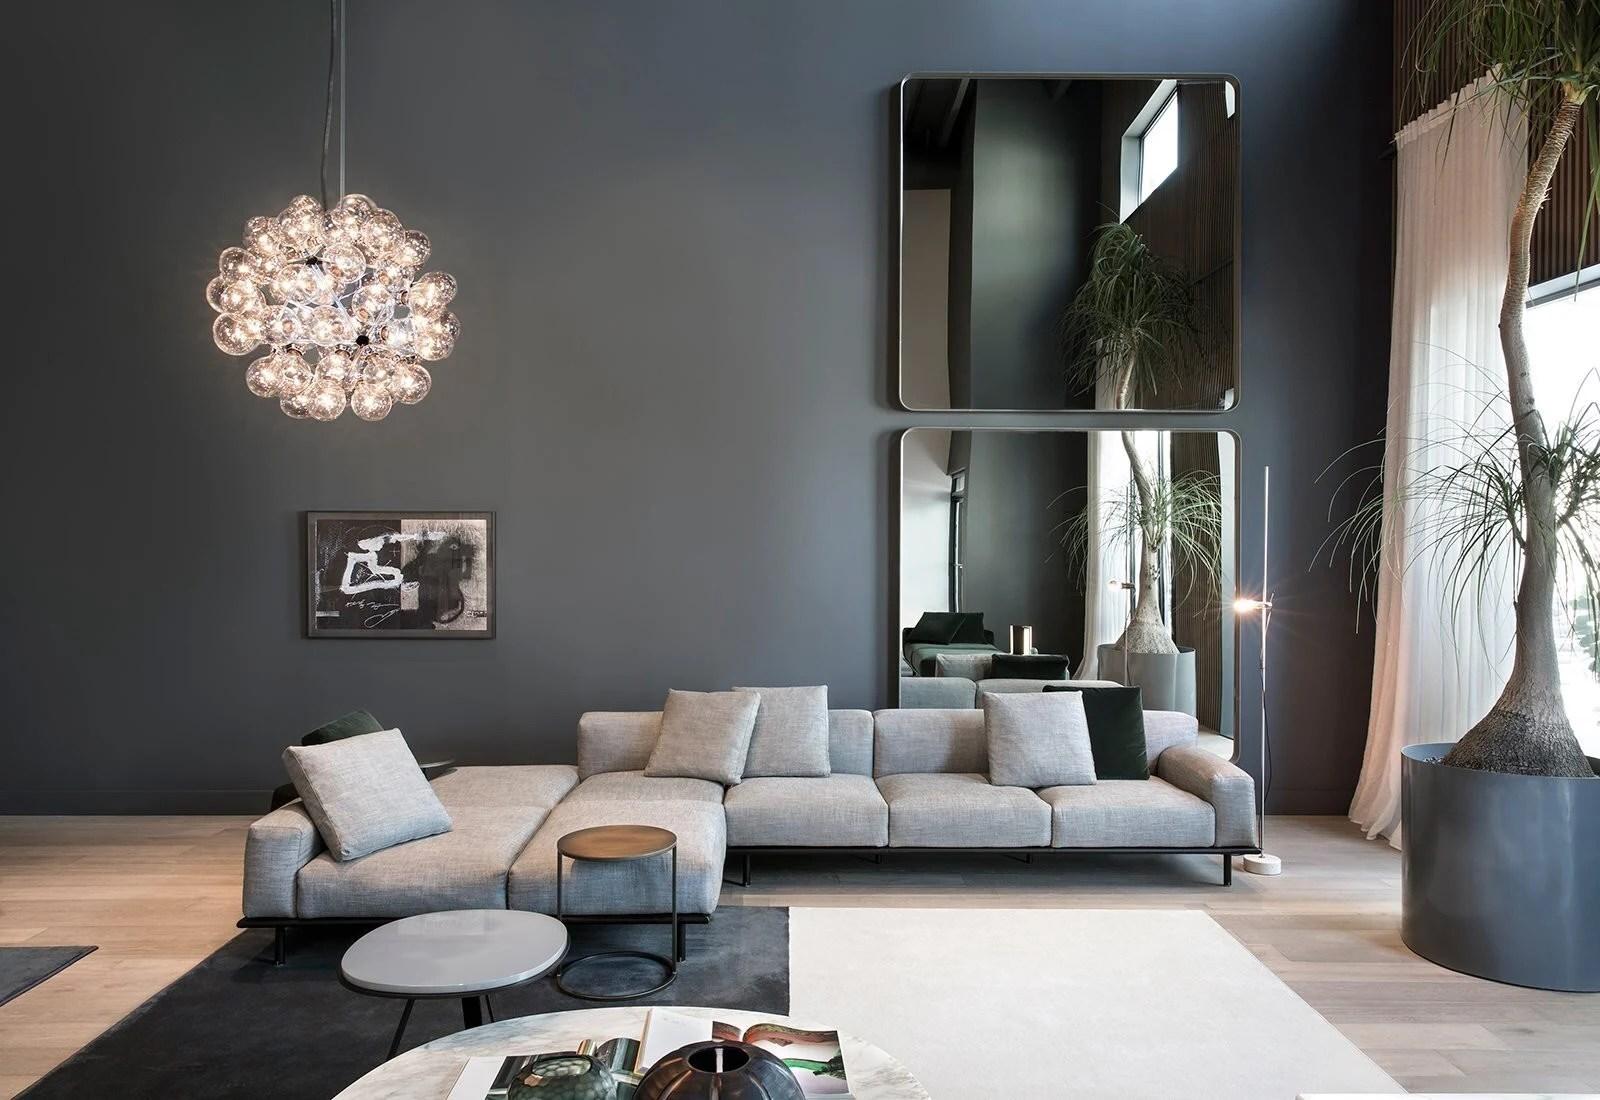 Contemporary Interior Design For Living Room Decoration 2020